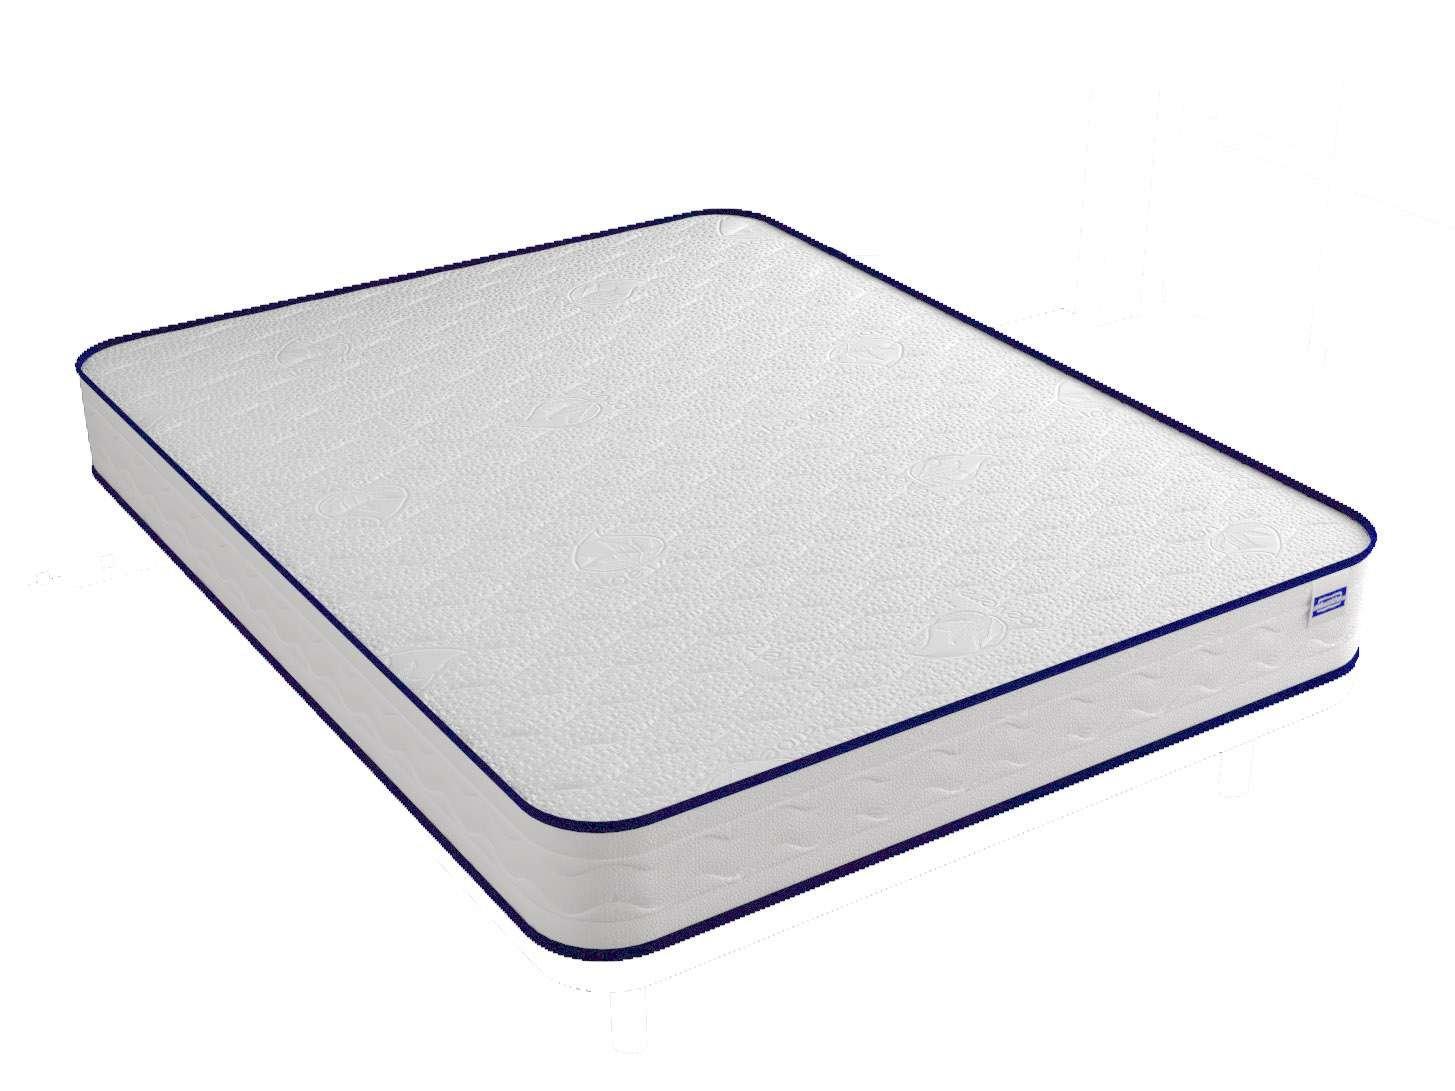 LA WEB DEL COLCHON Colchón viscoelástico King 1 (*) 110 x 200 x 20 cms.: Amazon.es: Hogar